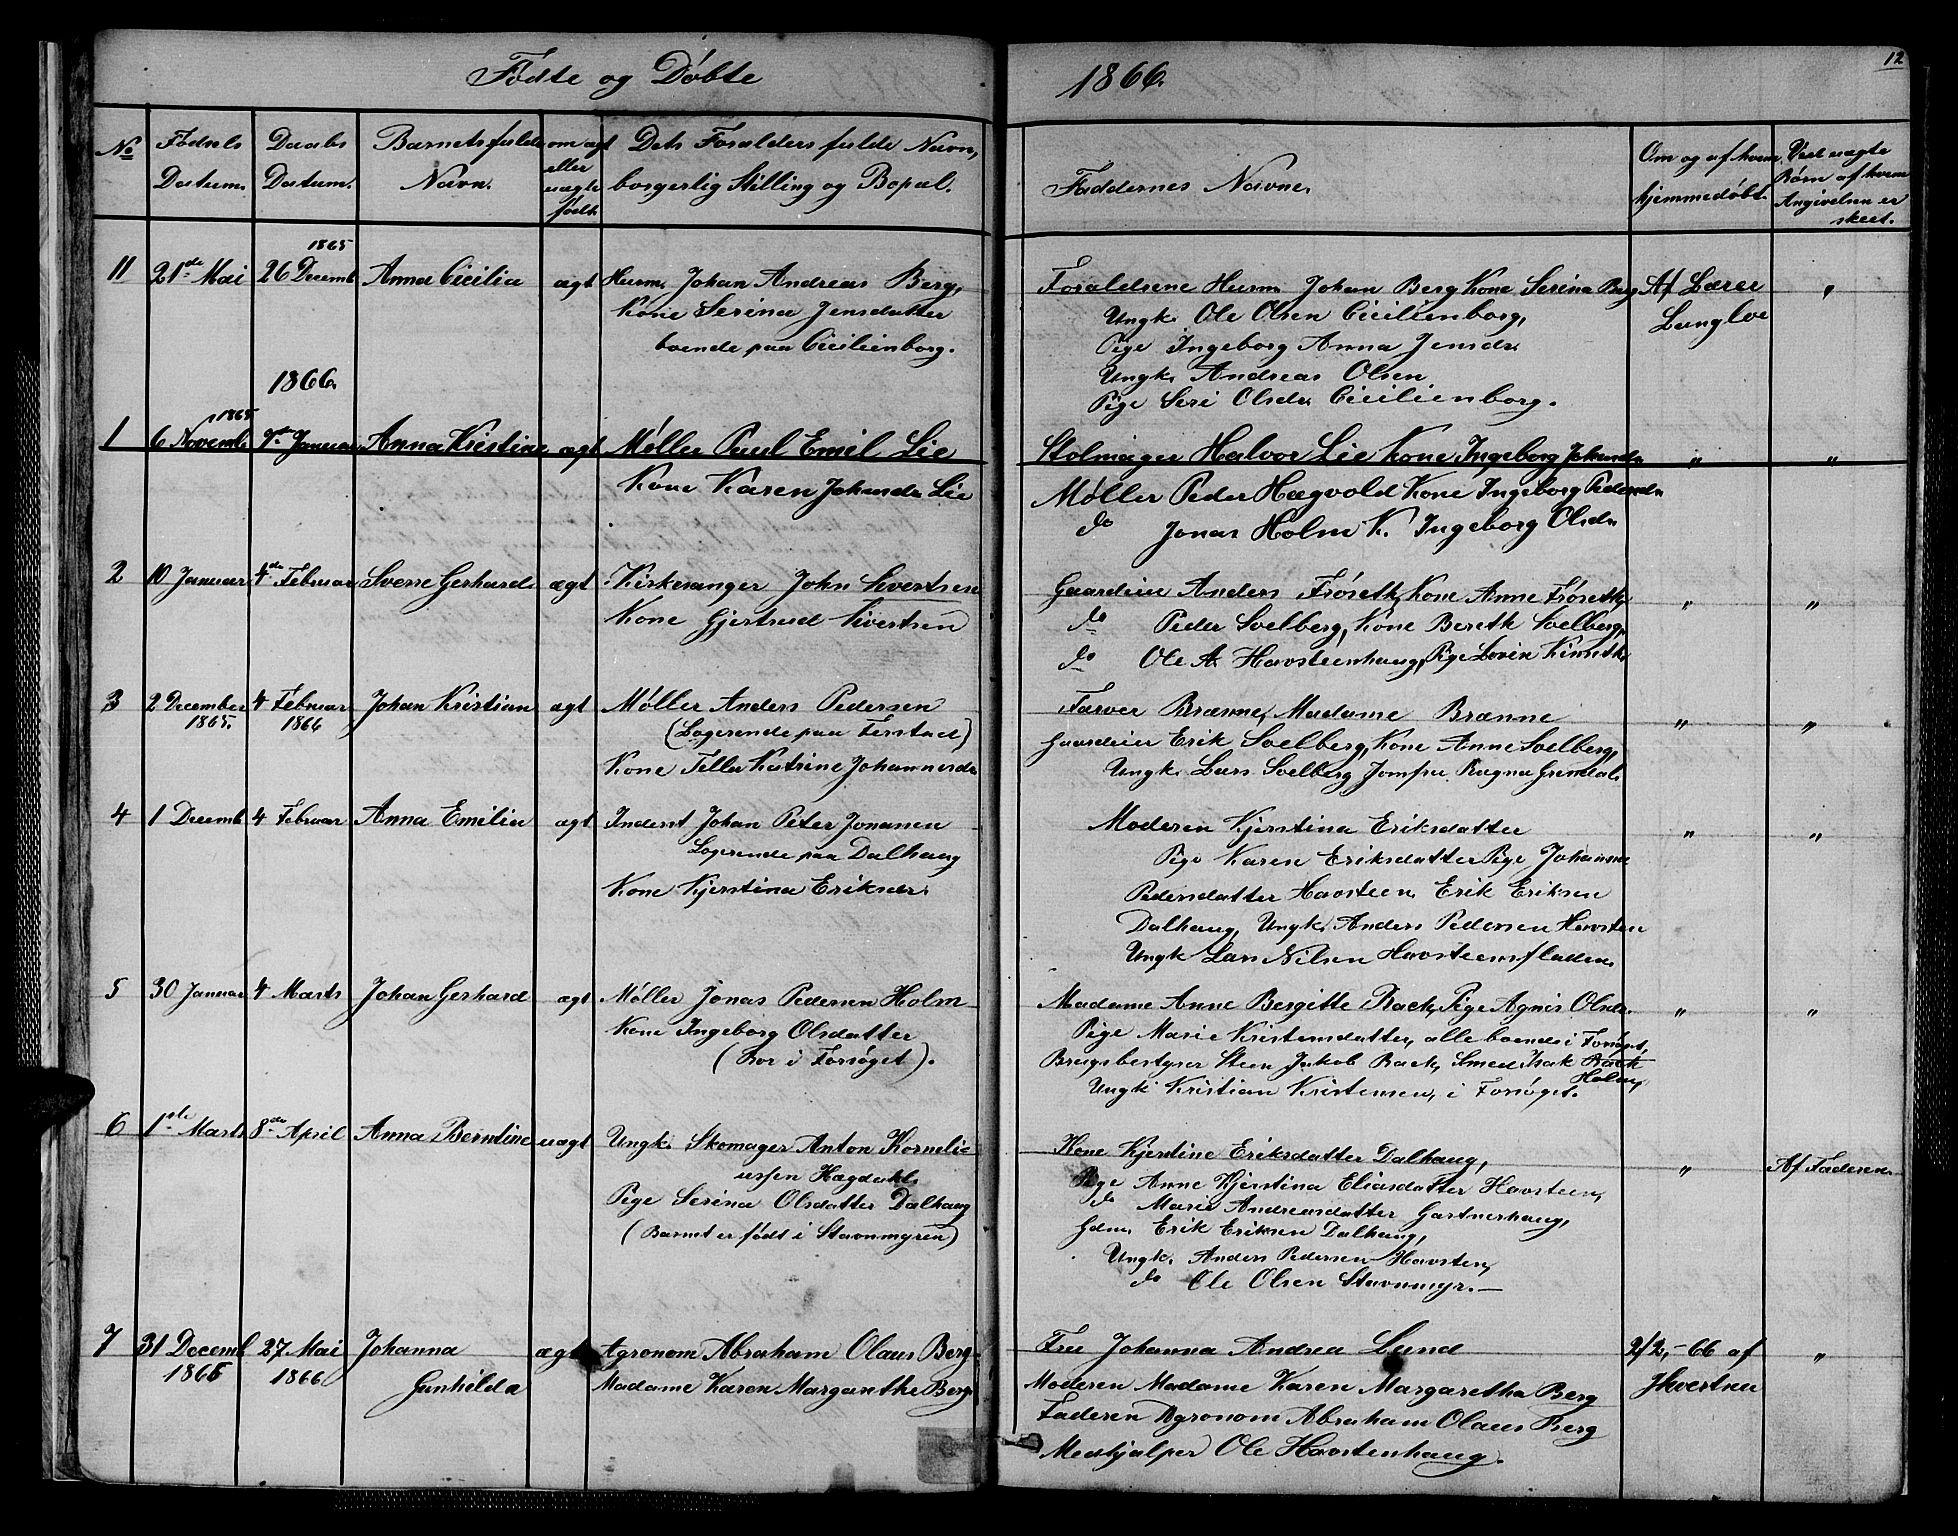 SAT, Ministerialprotokoller, klokkerbøker og fødselsregistre - Sør-Trøndelag, 611/L0353: Klokkerbok nr. 611C01, 1854-1881, s. 12